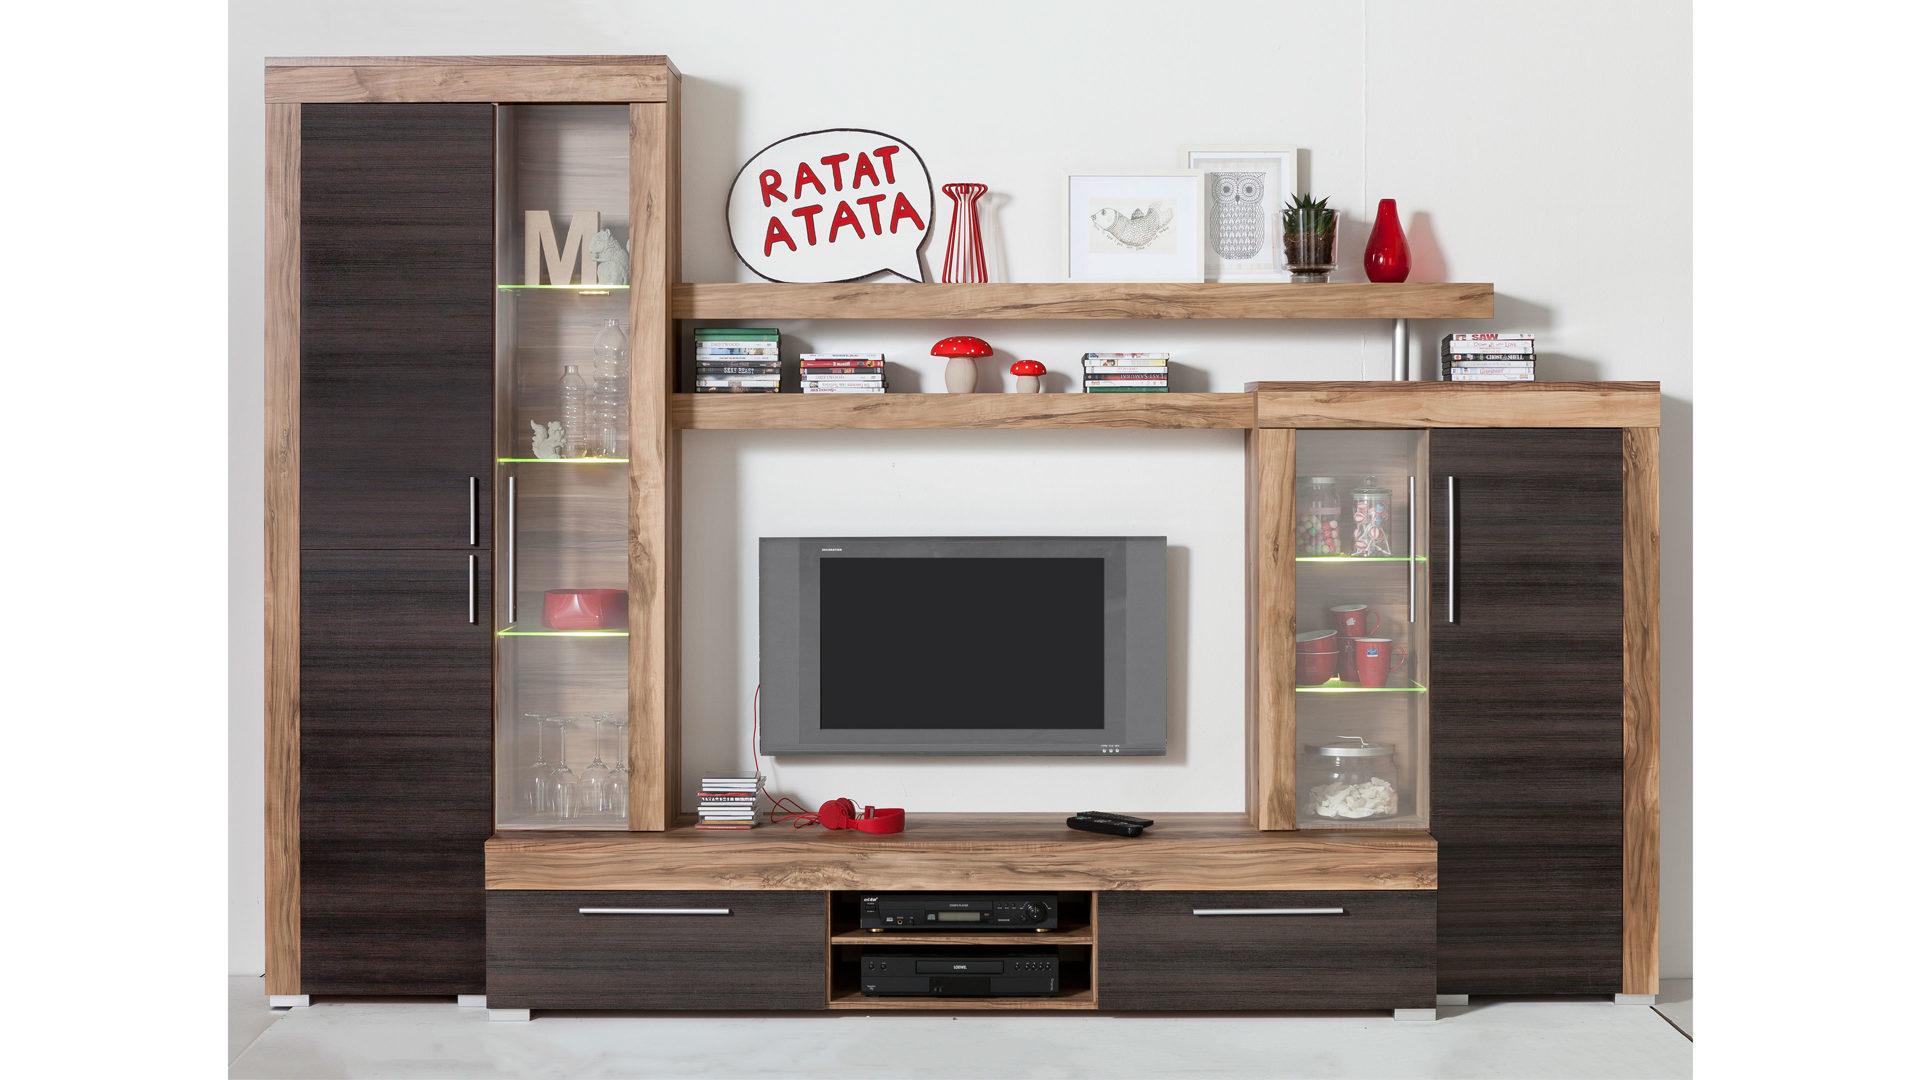 Hochwertig Wohnwand Trendteam Aus Holz In Holzfarben Wohnwand Mit Vitrinen Und Einem  TV Lowboard Satin Nußbaumfarbene U0026